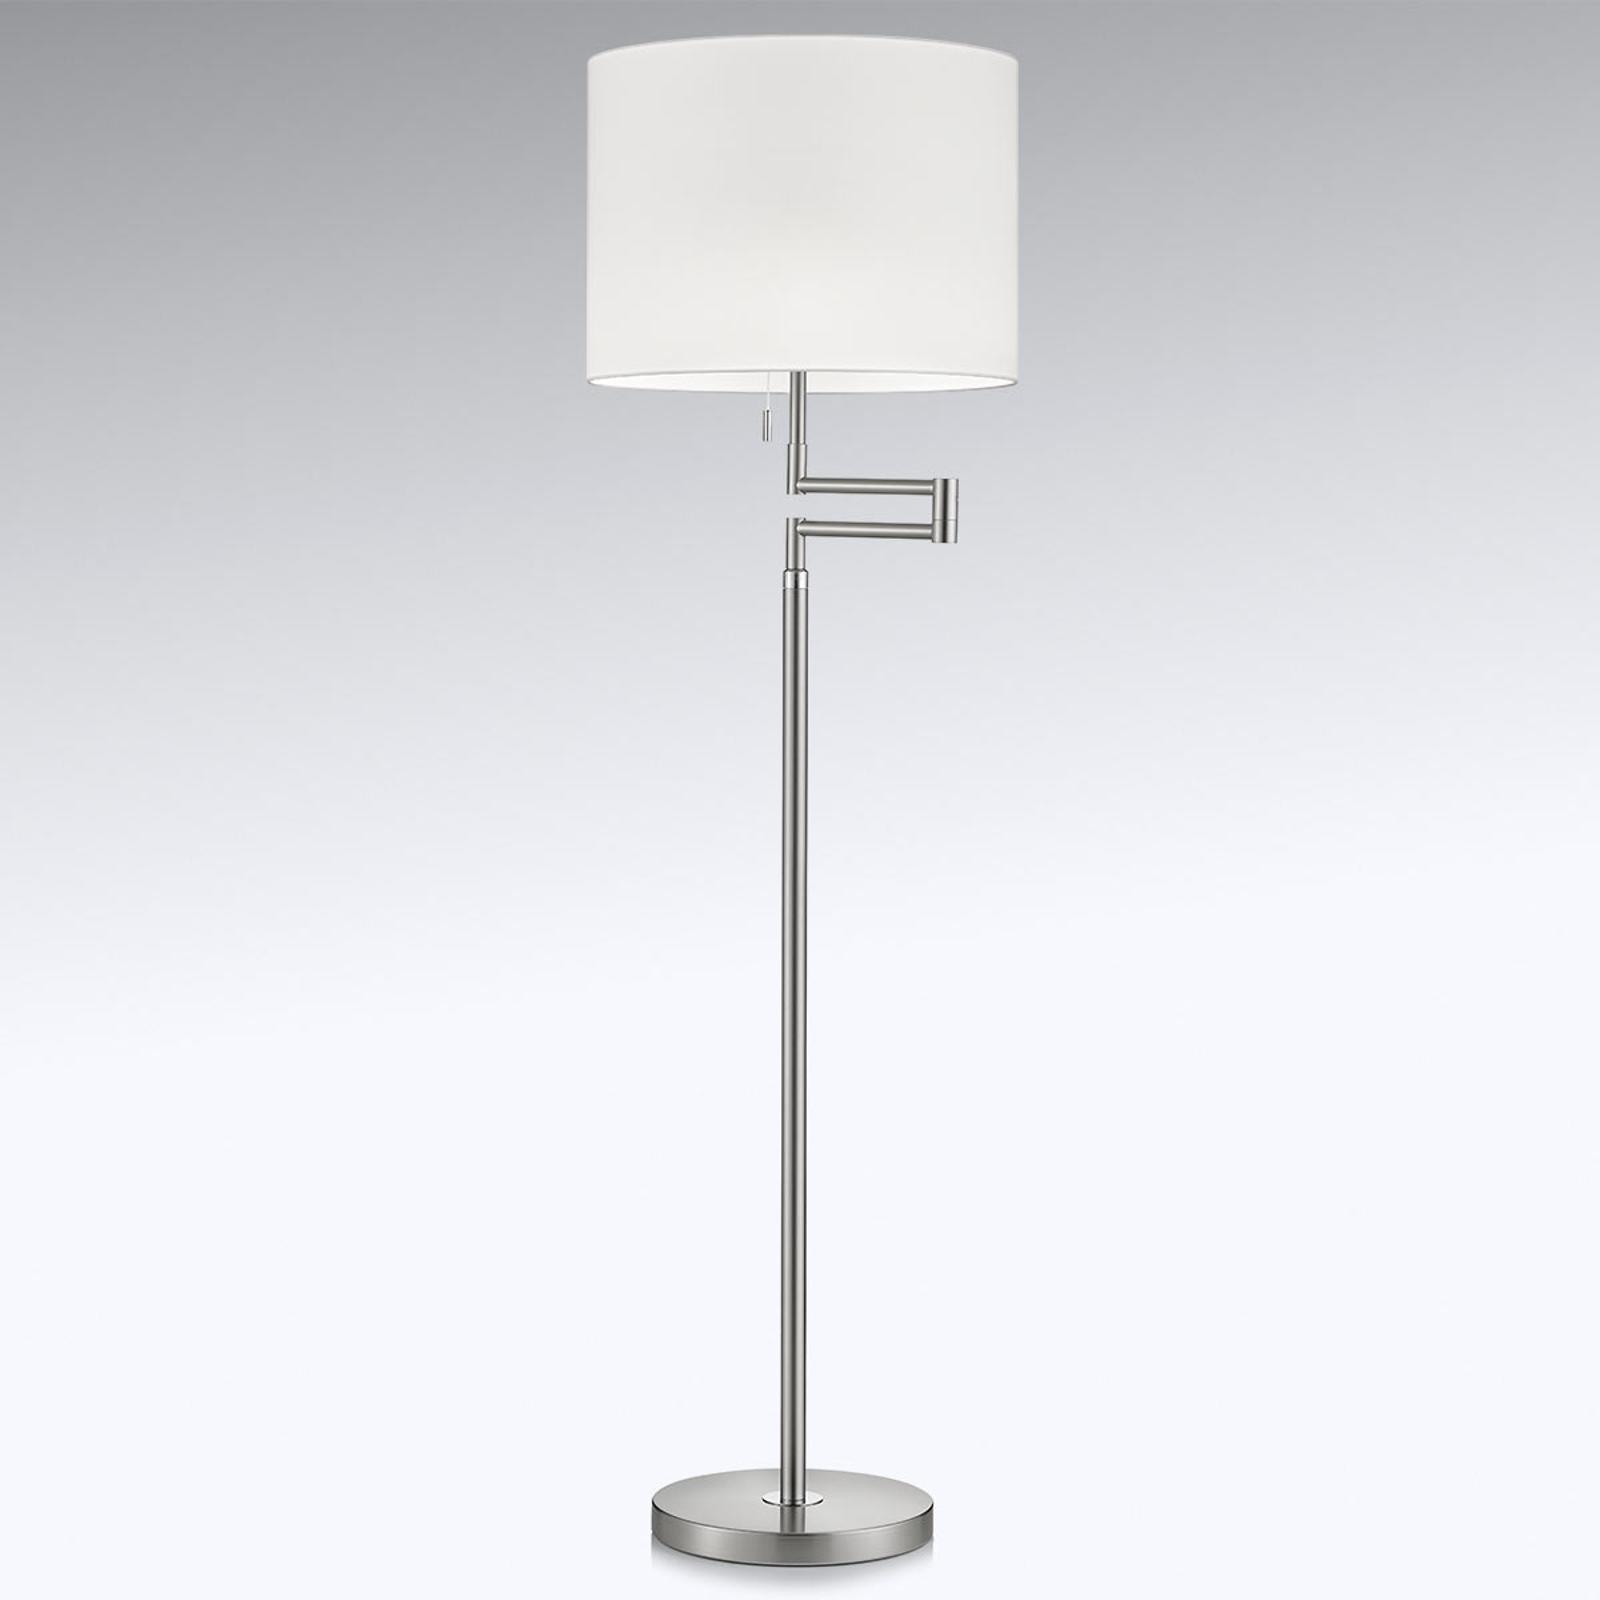 Lilian gulvlampe, LED-dæmper, mat nikkel/krom